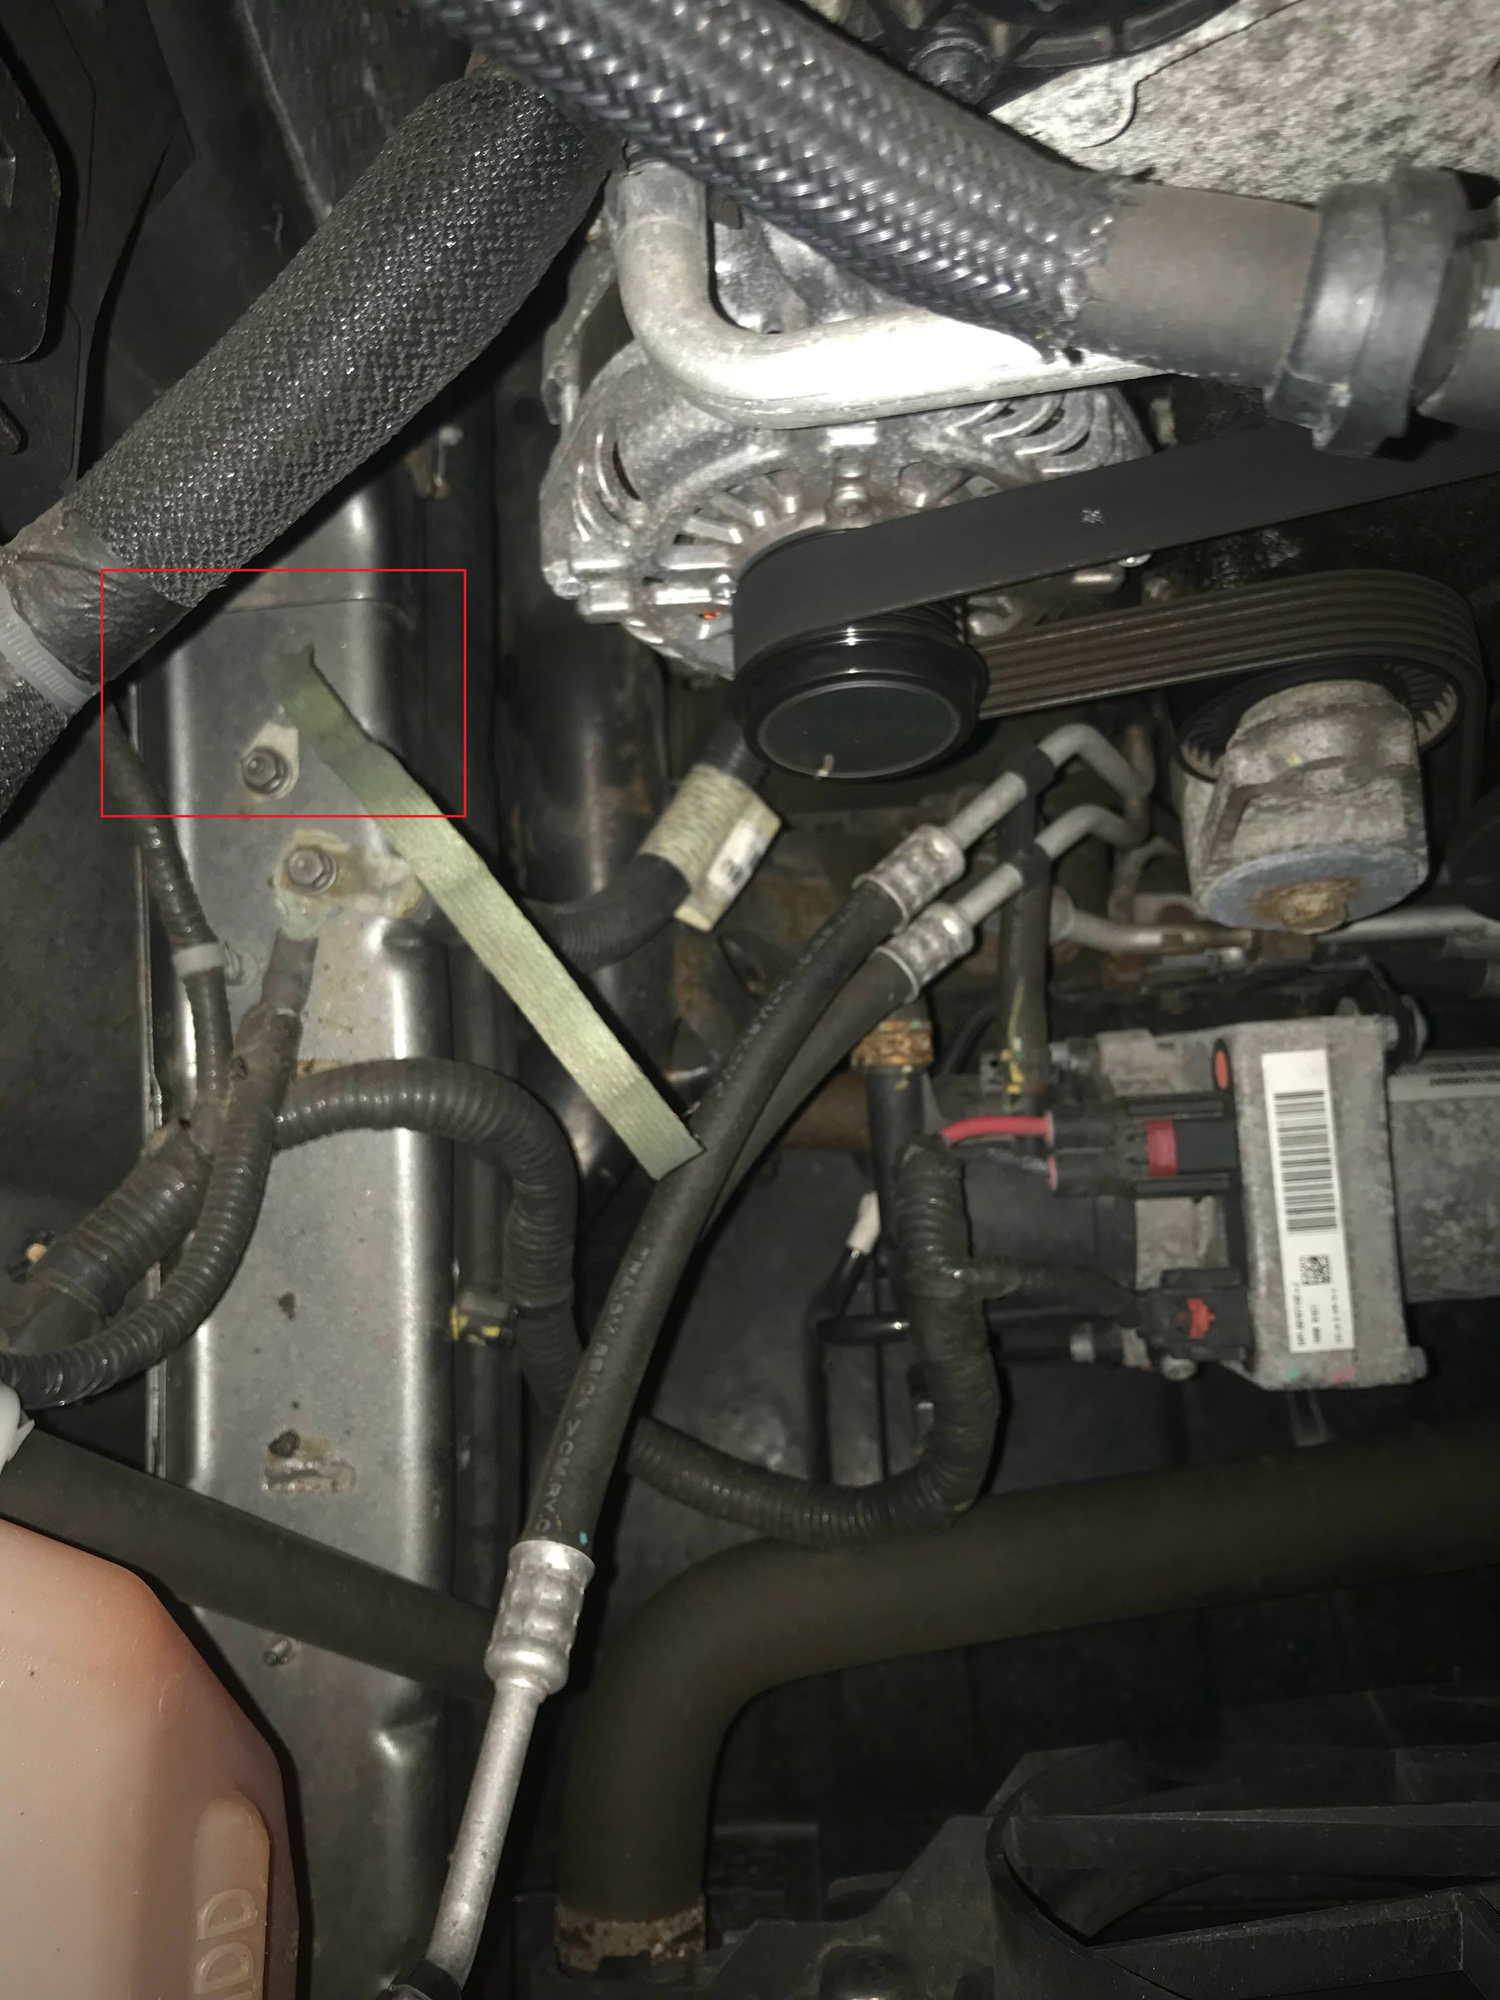 2012 Durango Ground wire disconnected? - DodgeForum.com